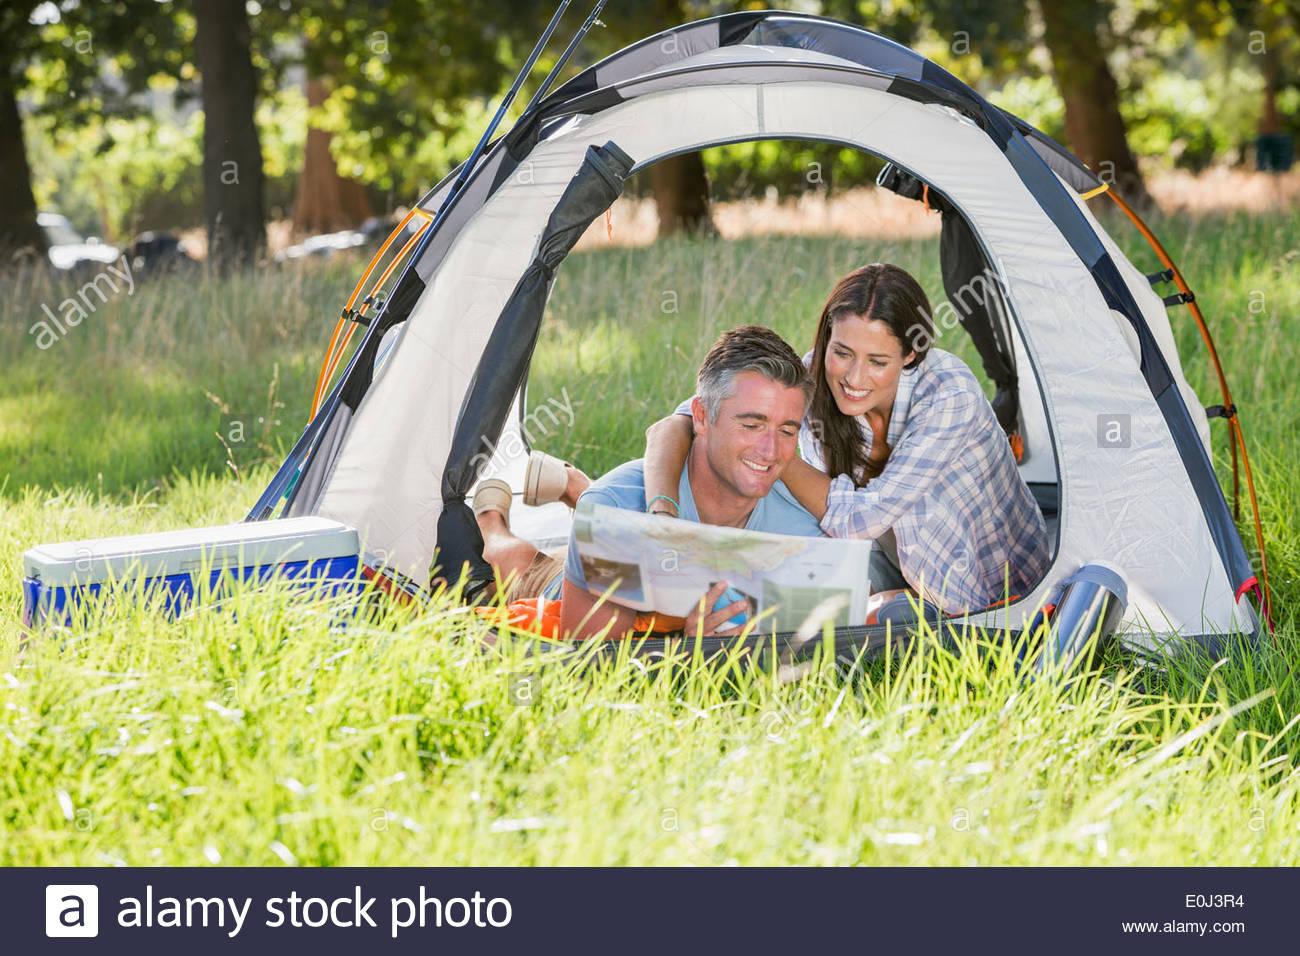 Par disfrutar de camping vacaciones en campo Imagen De Stock